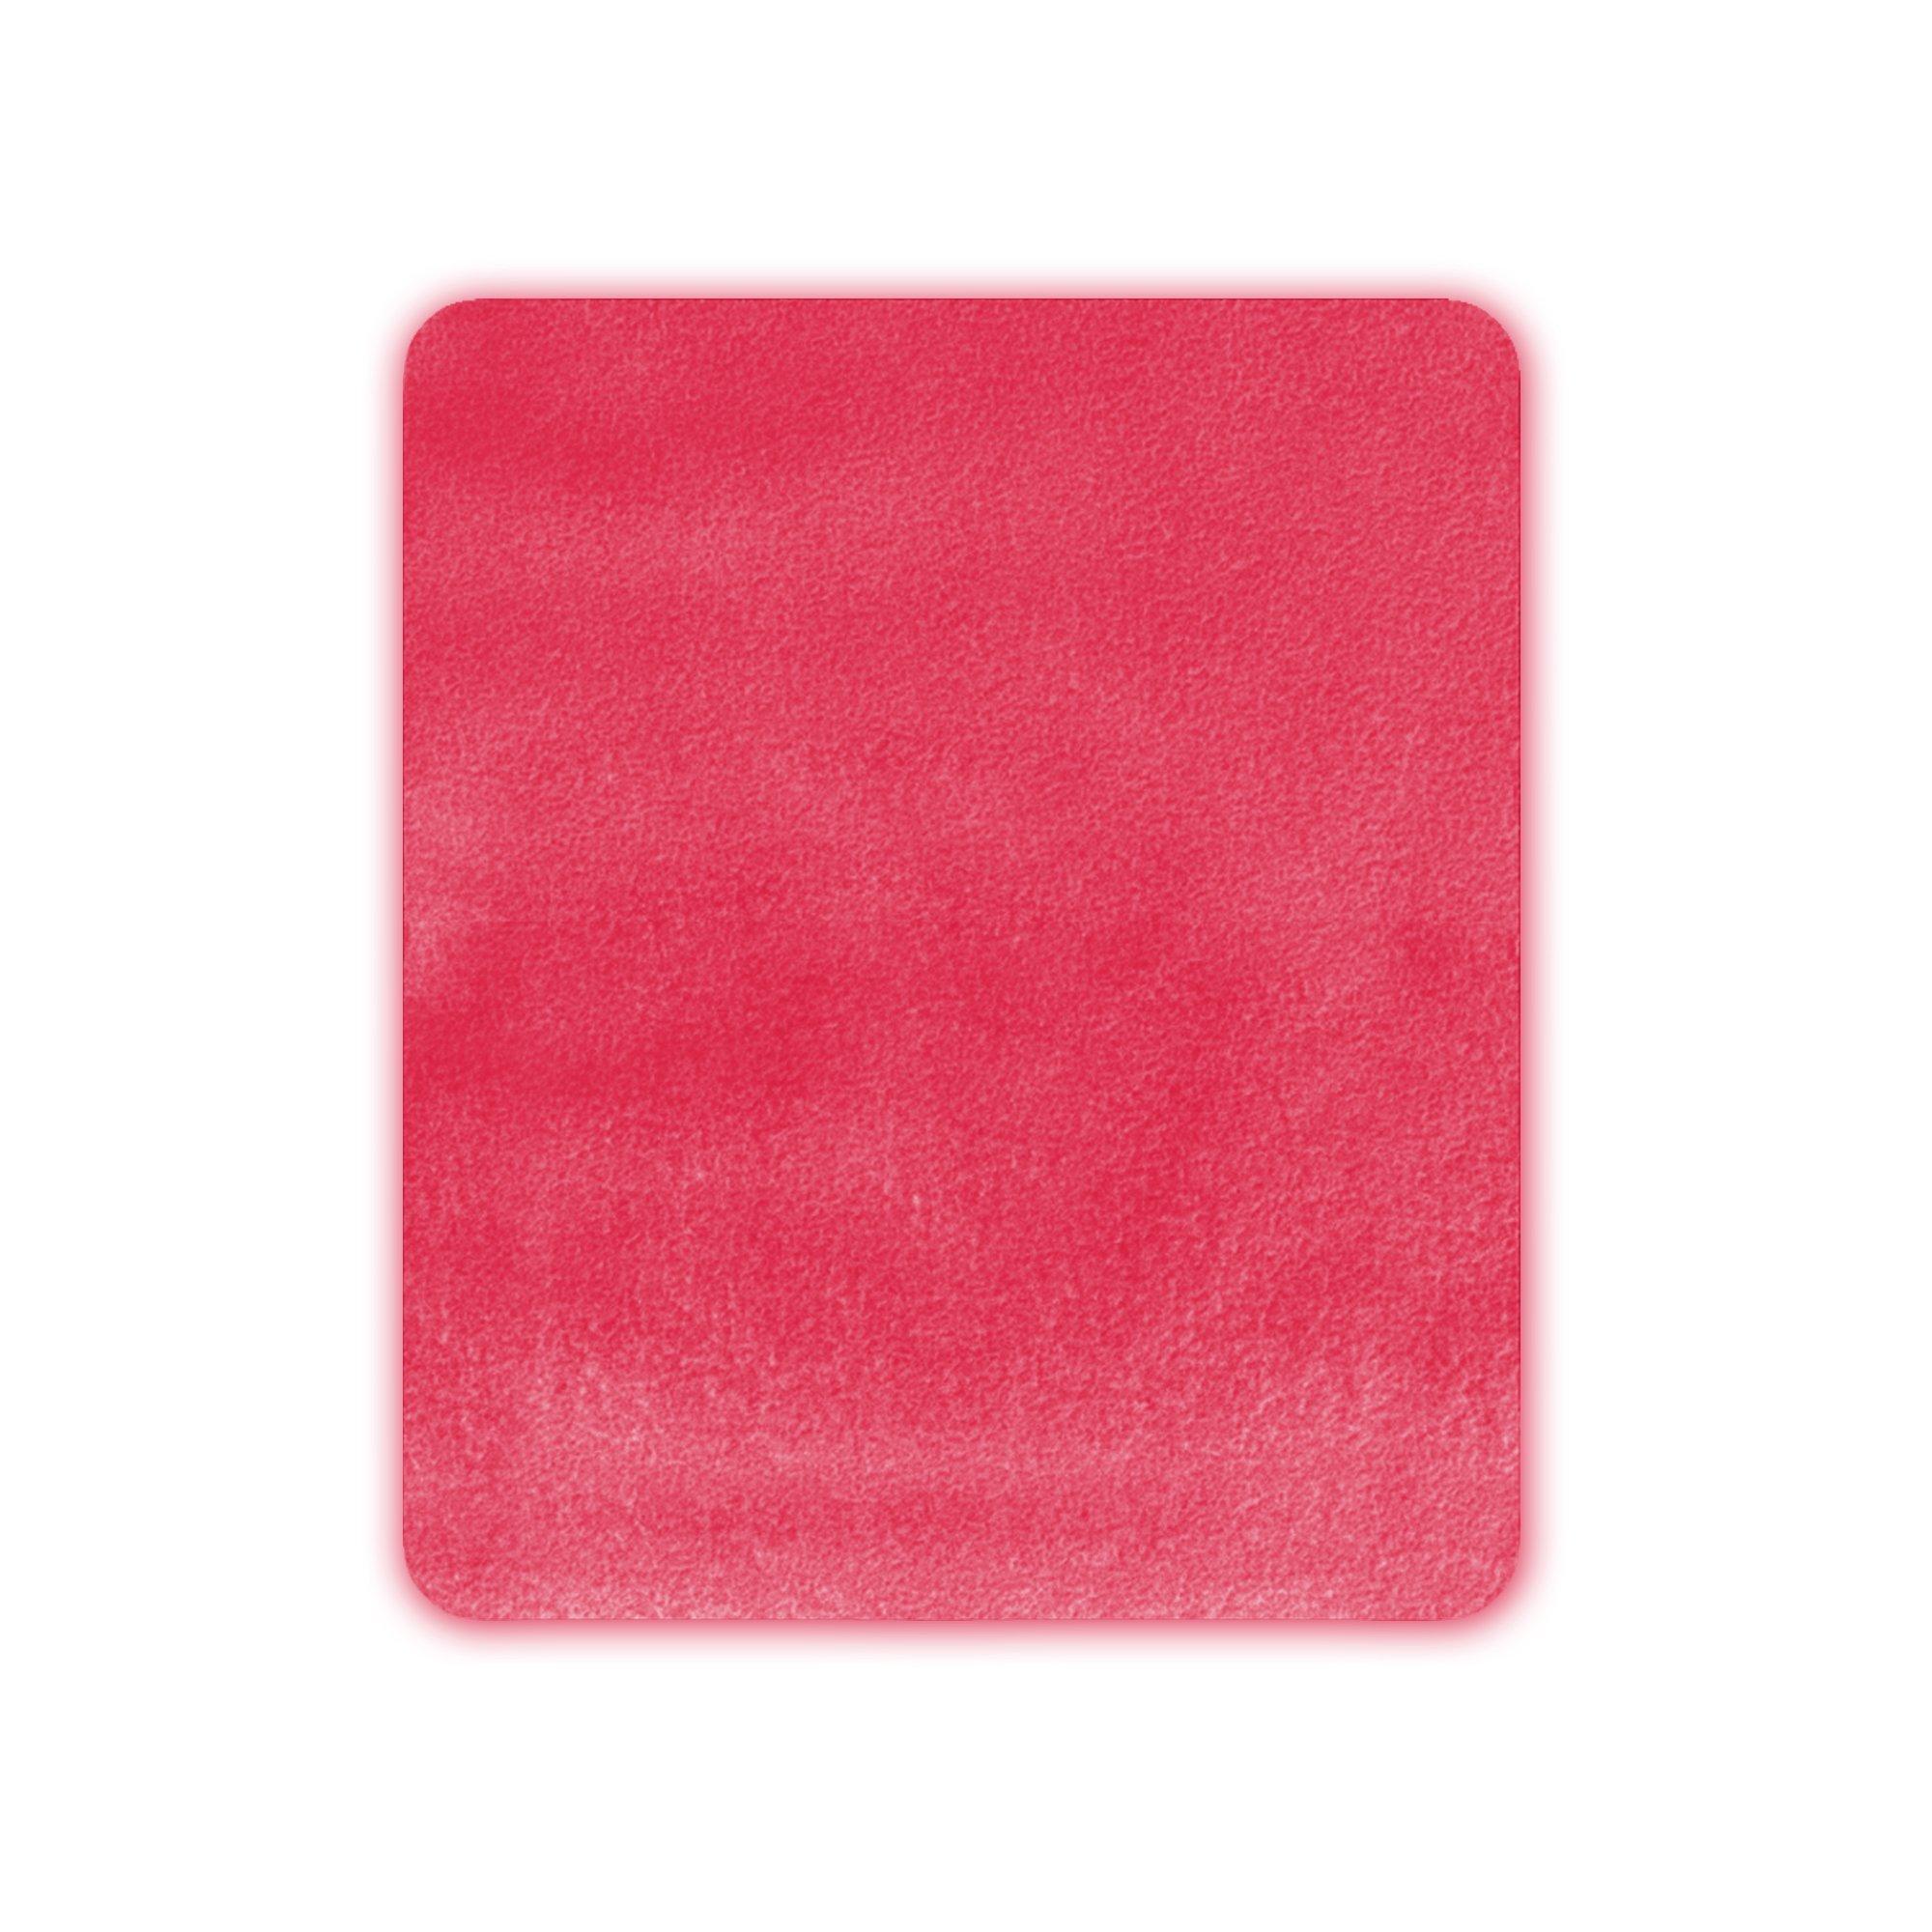 Hotties Microhottie Microwave Hot Water Bottle - Sugar Pink by Hotties